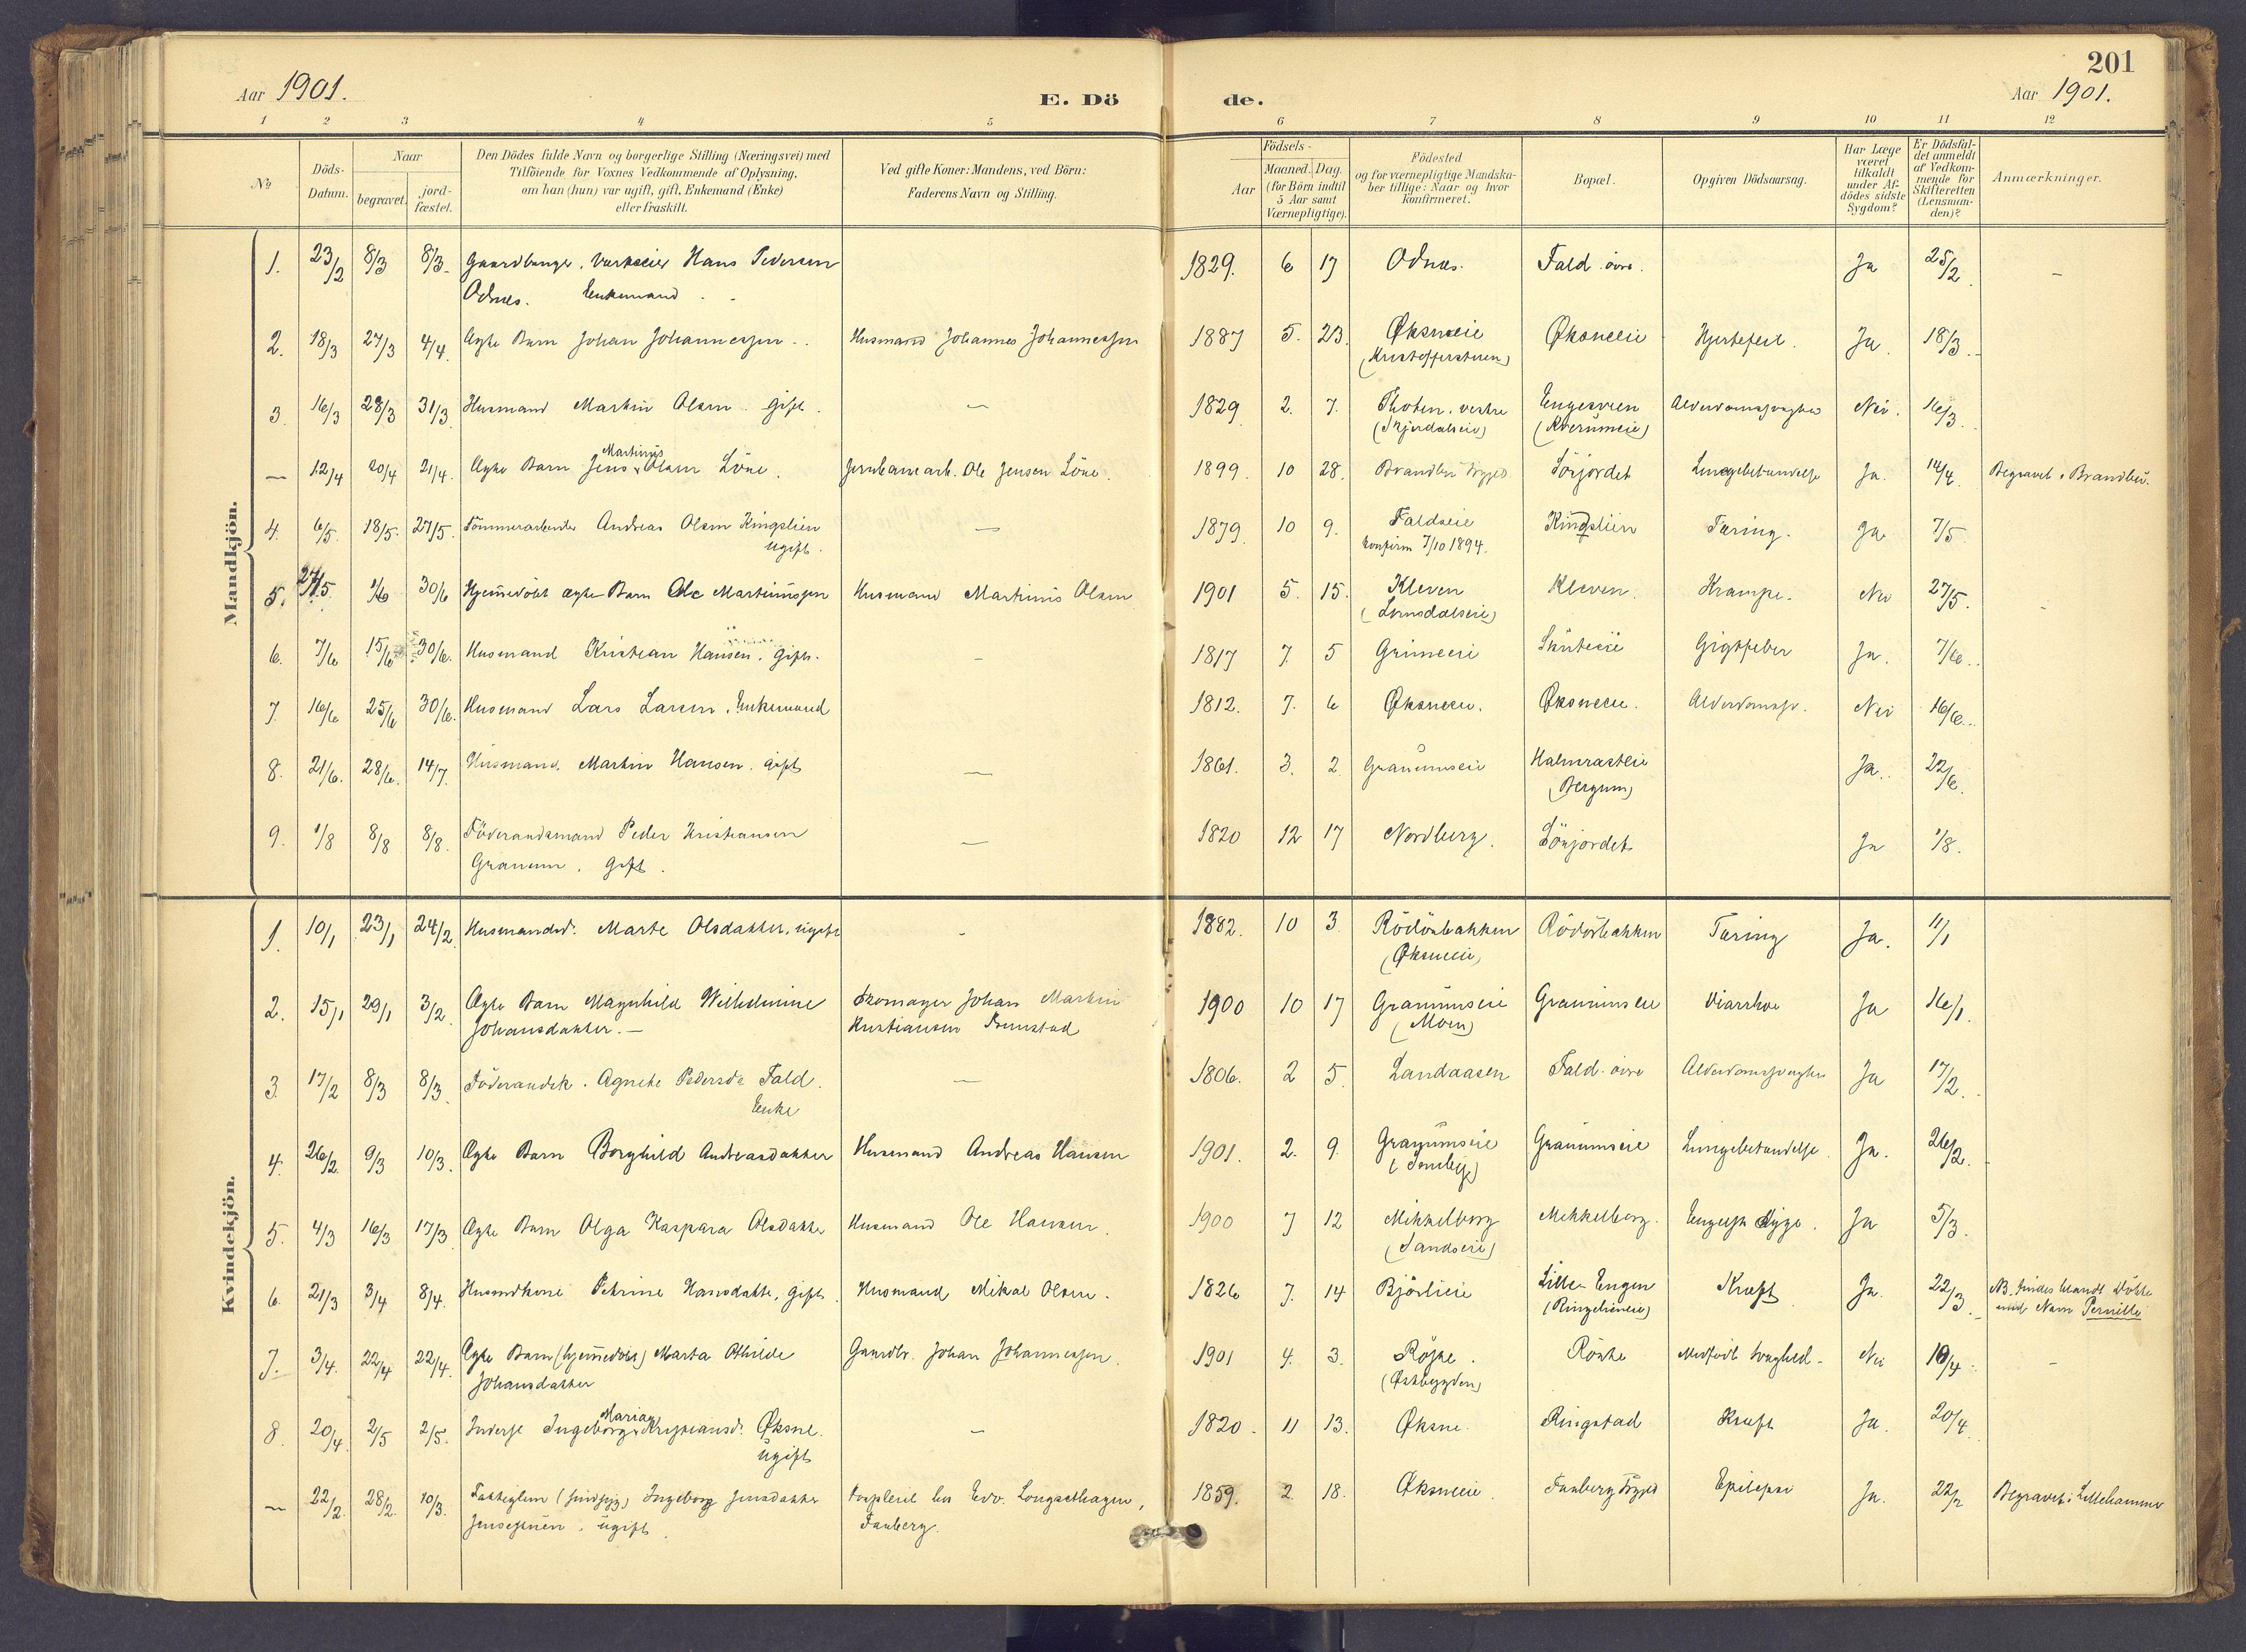 SAH, Søndre Land prestekontor, K/L0006: Ministerialbok nr. 6, 1895-1904, s. 201